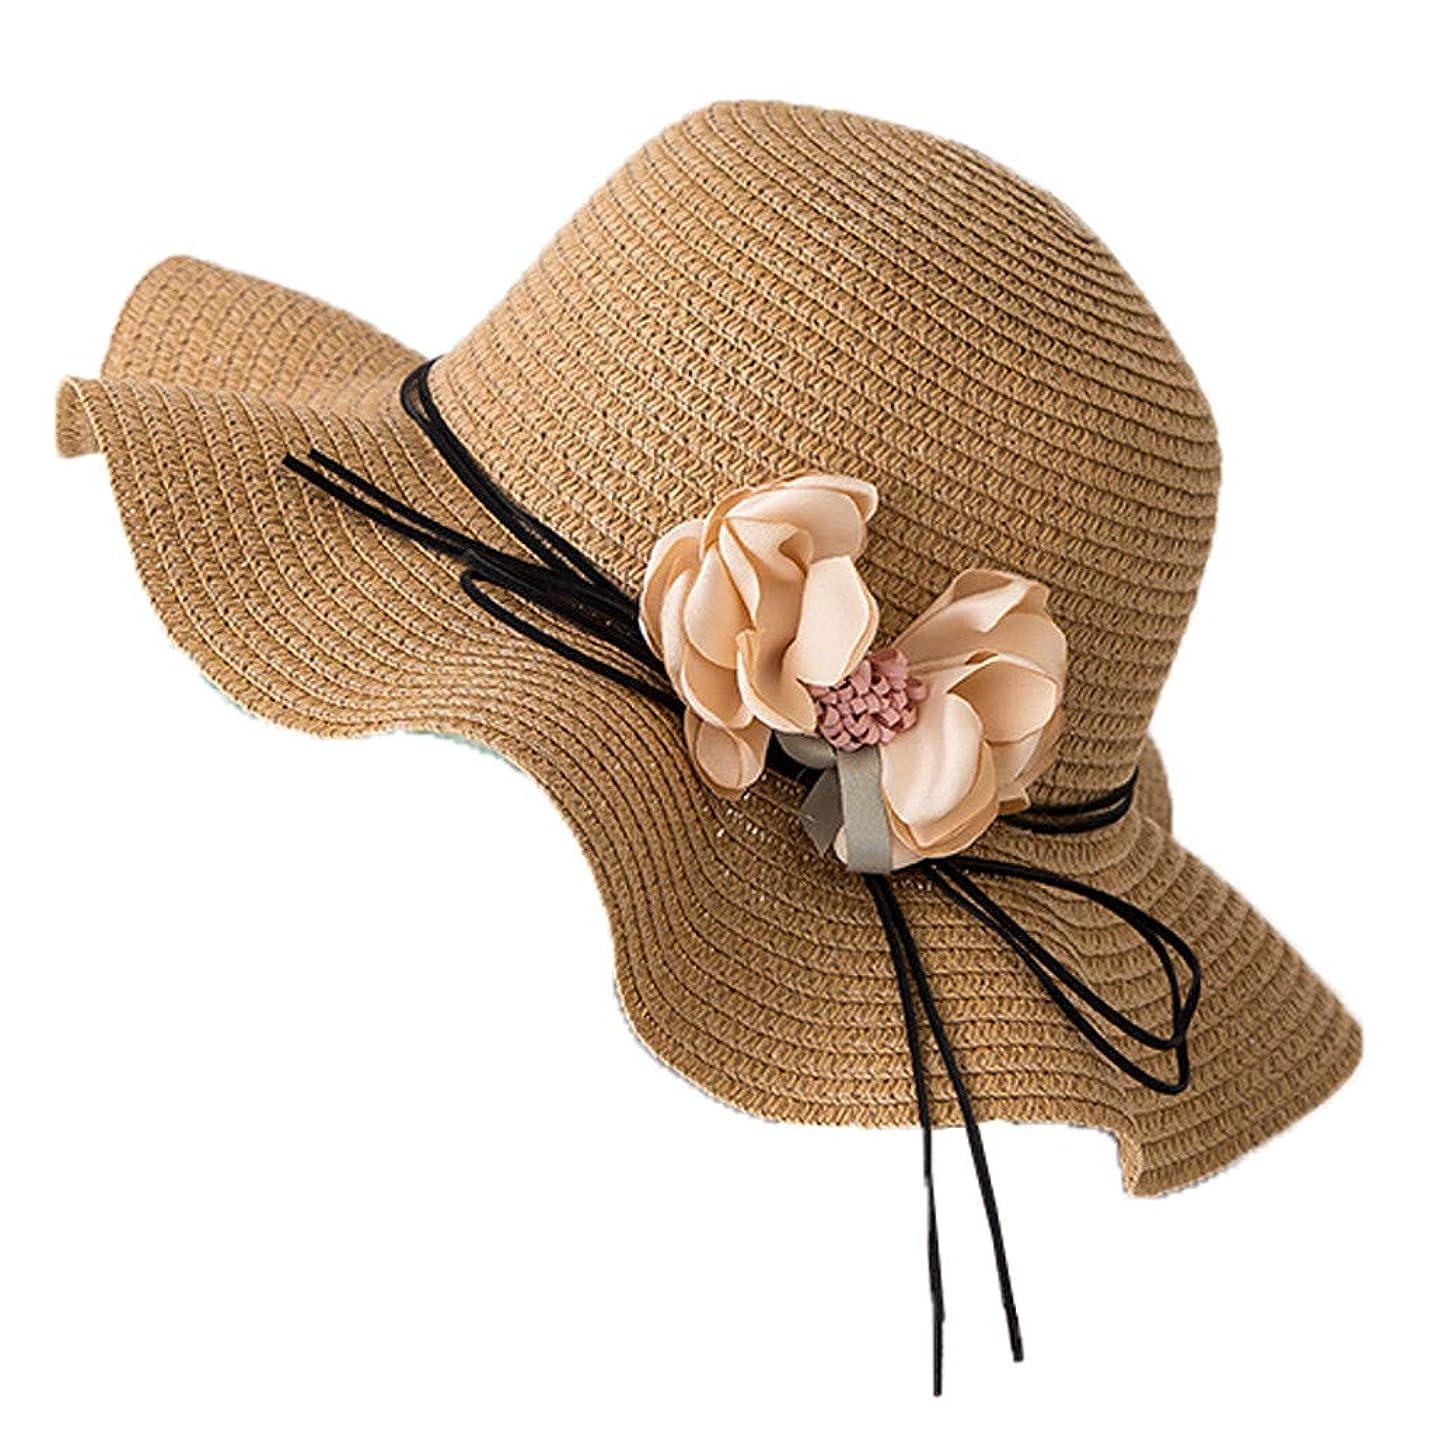 月面香り大事にするROSE ROMAN - キャップ 帽子 レディース ニット帽 帽子 サイズ調整 テープ 日よけ帽子 日焼け防止 UVカット 率100% 紫外線対策 韓国ファッション 春 夏 uv 日除け カジュアル サイズ調整可能 可愛い 夏季 女優帽